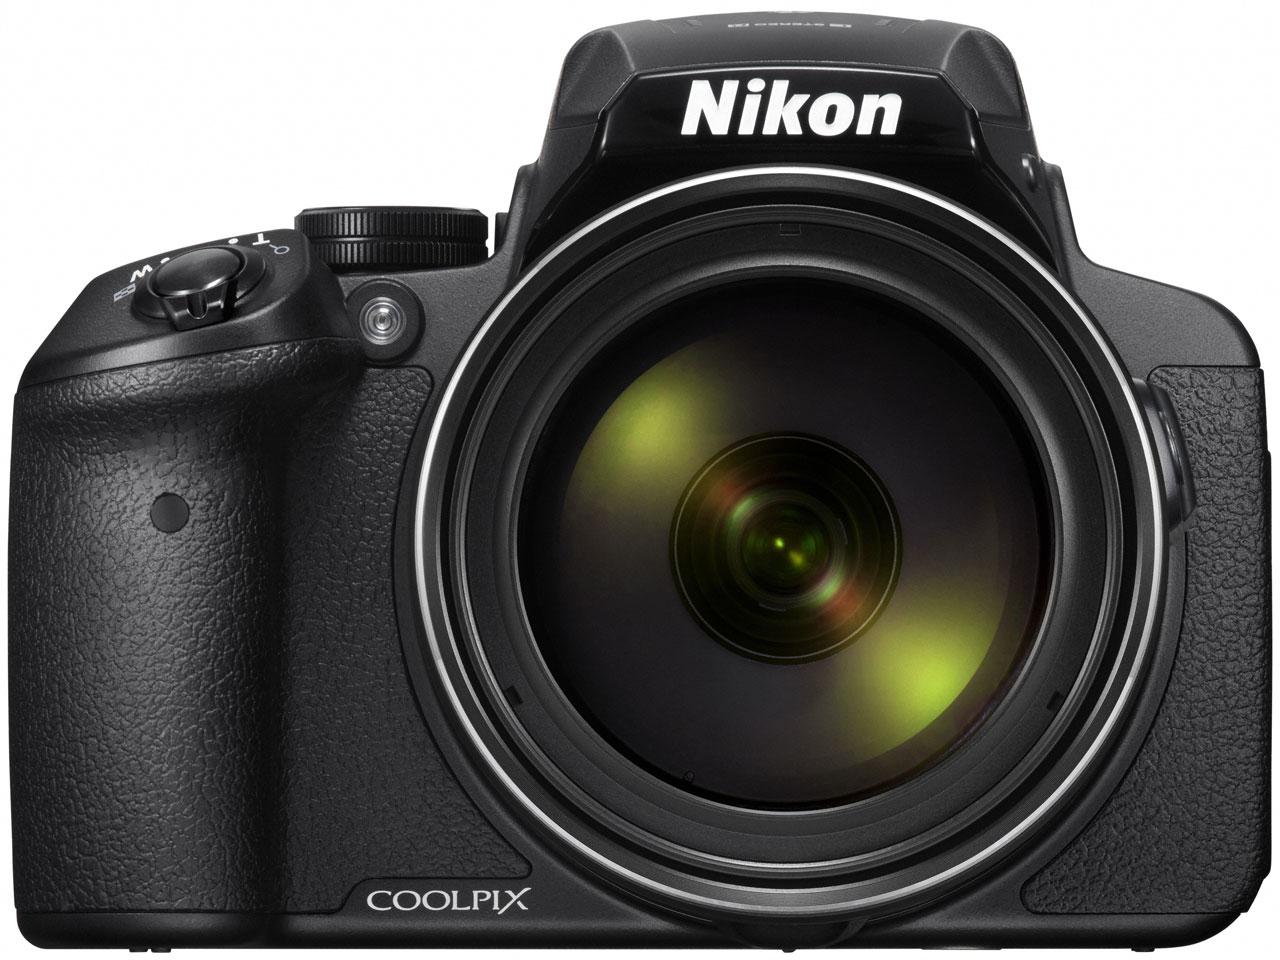 COOLPIX P900 の製品画像